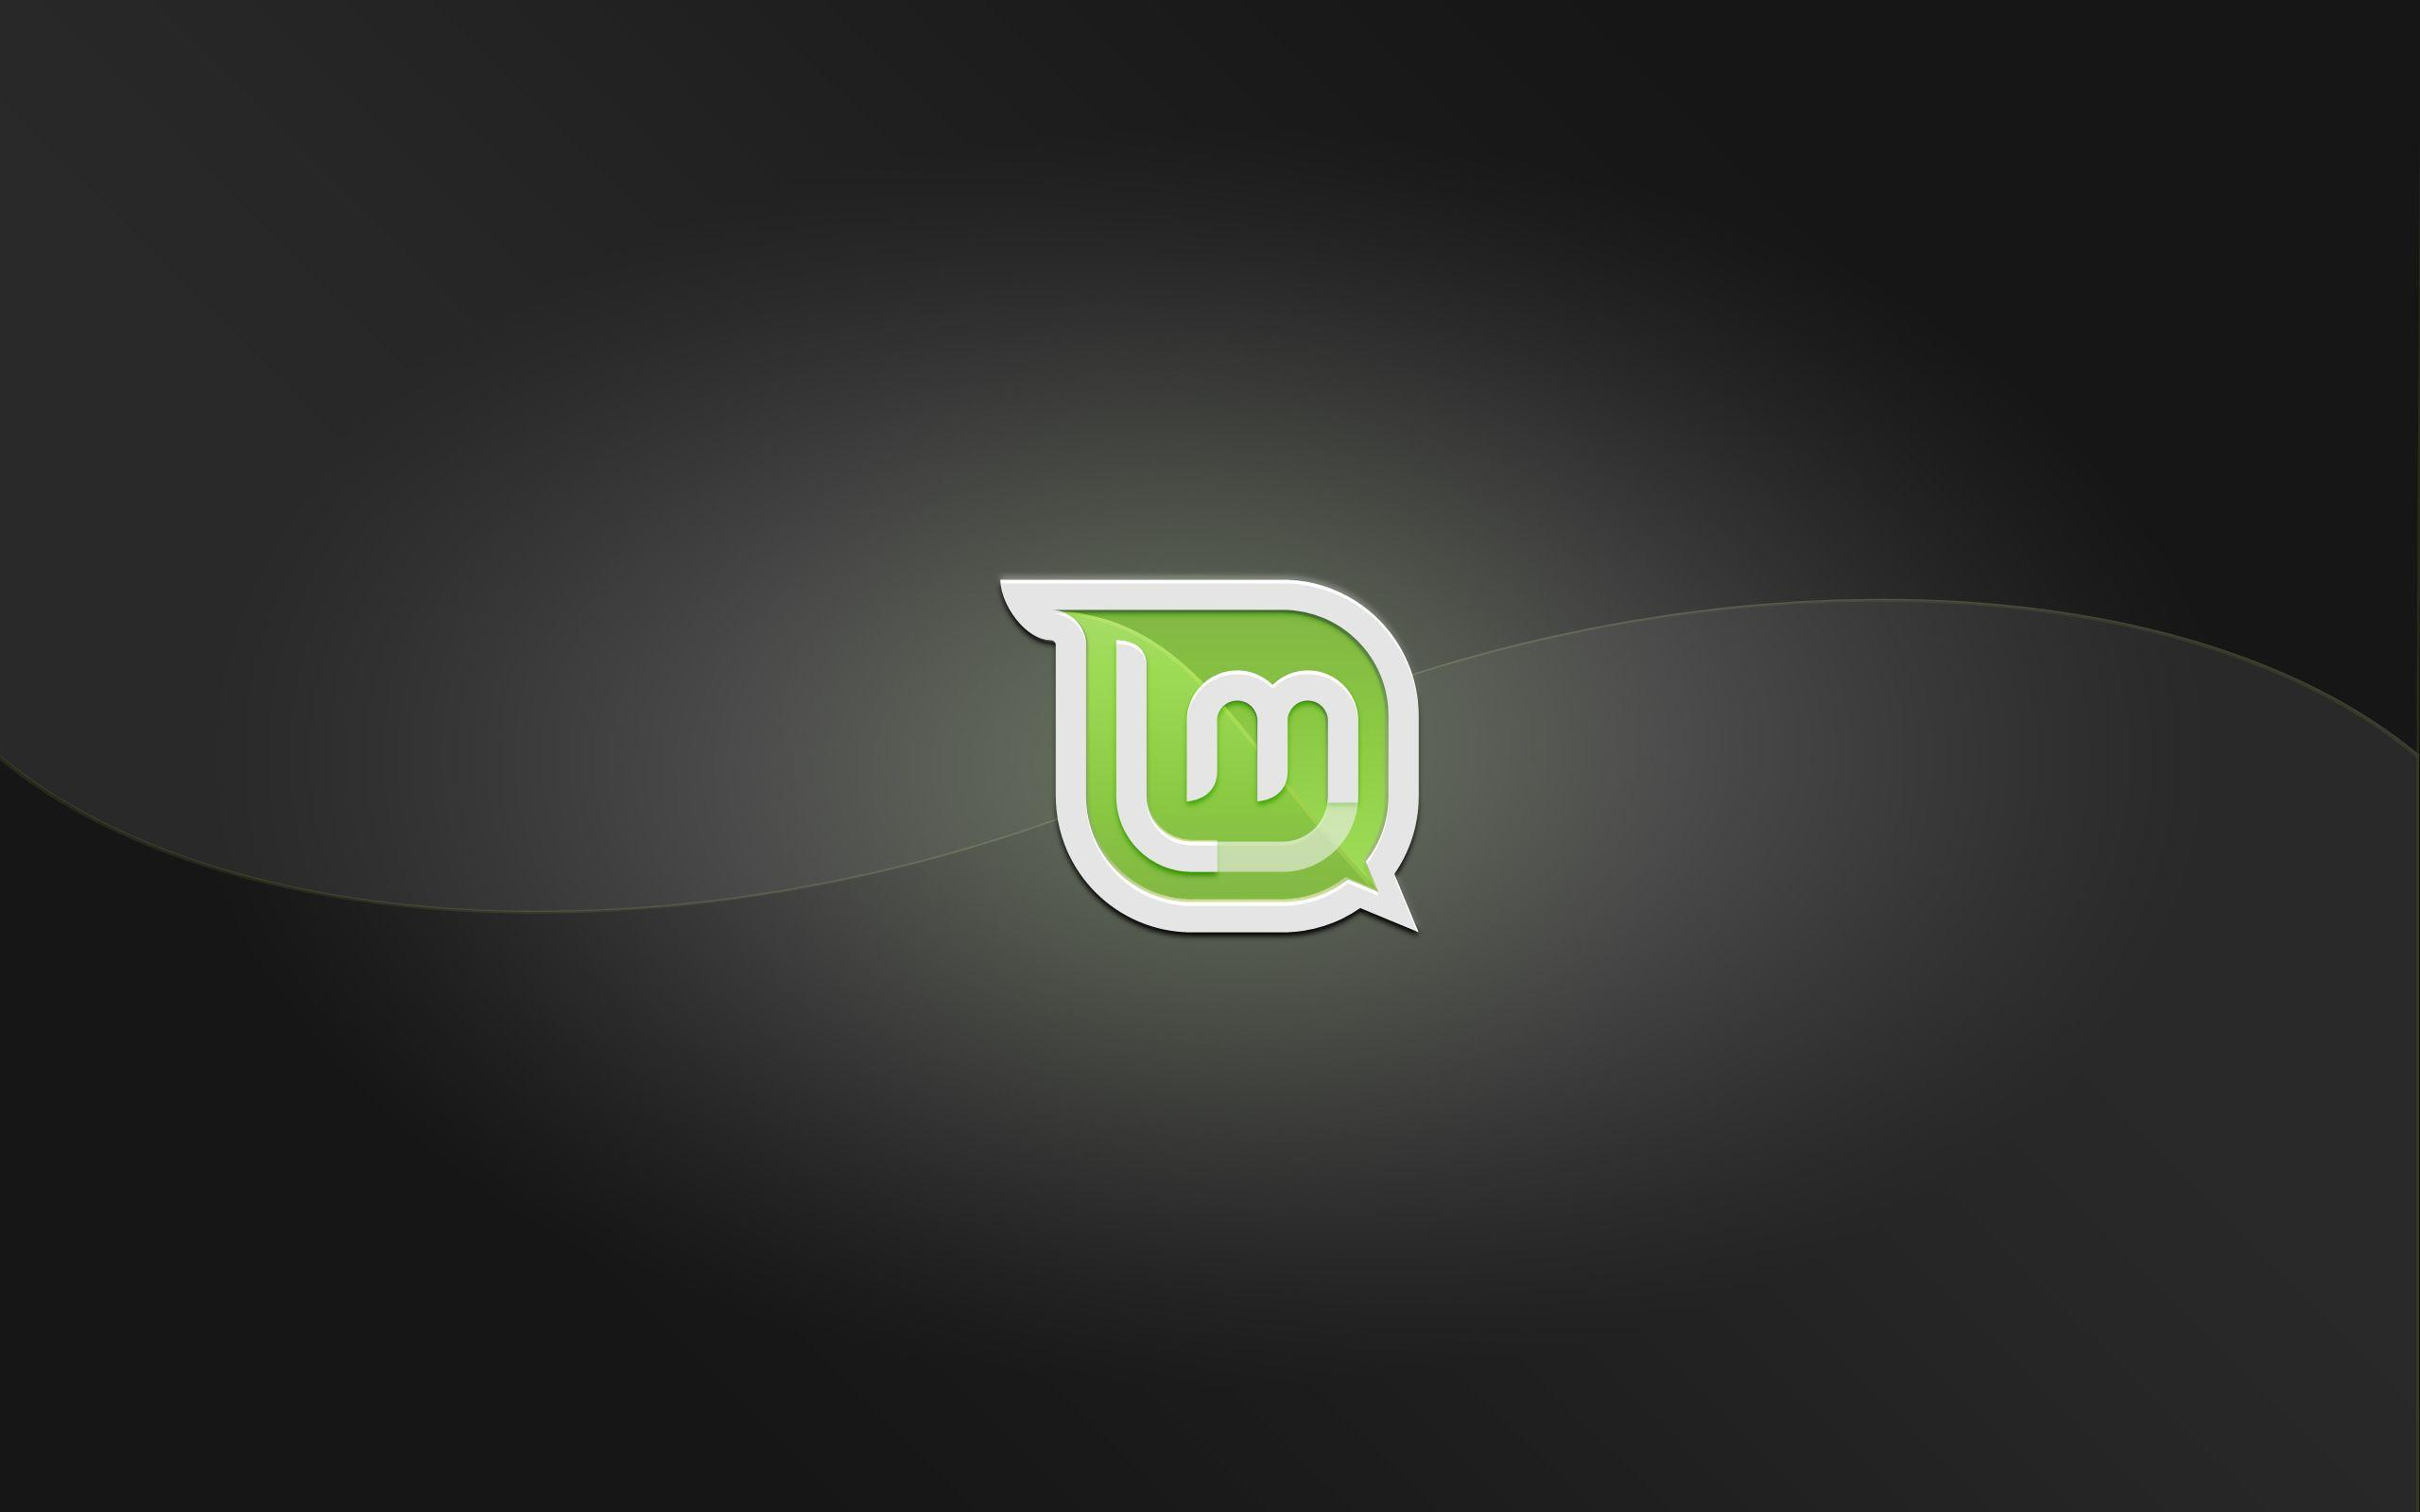 Fondos De Pantalla De Linux Mint Fondosmil